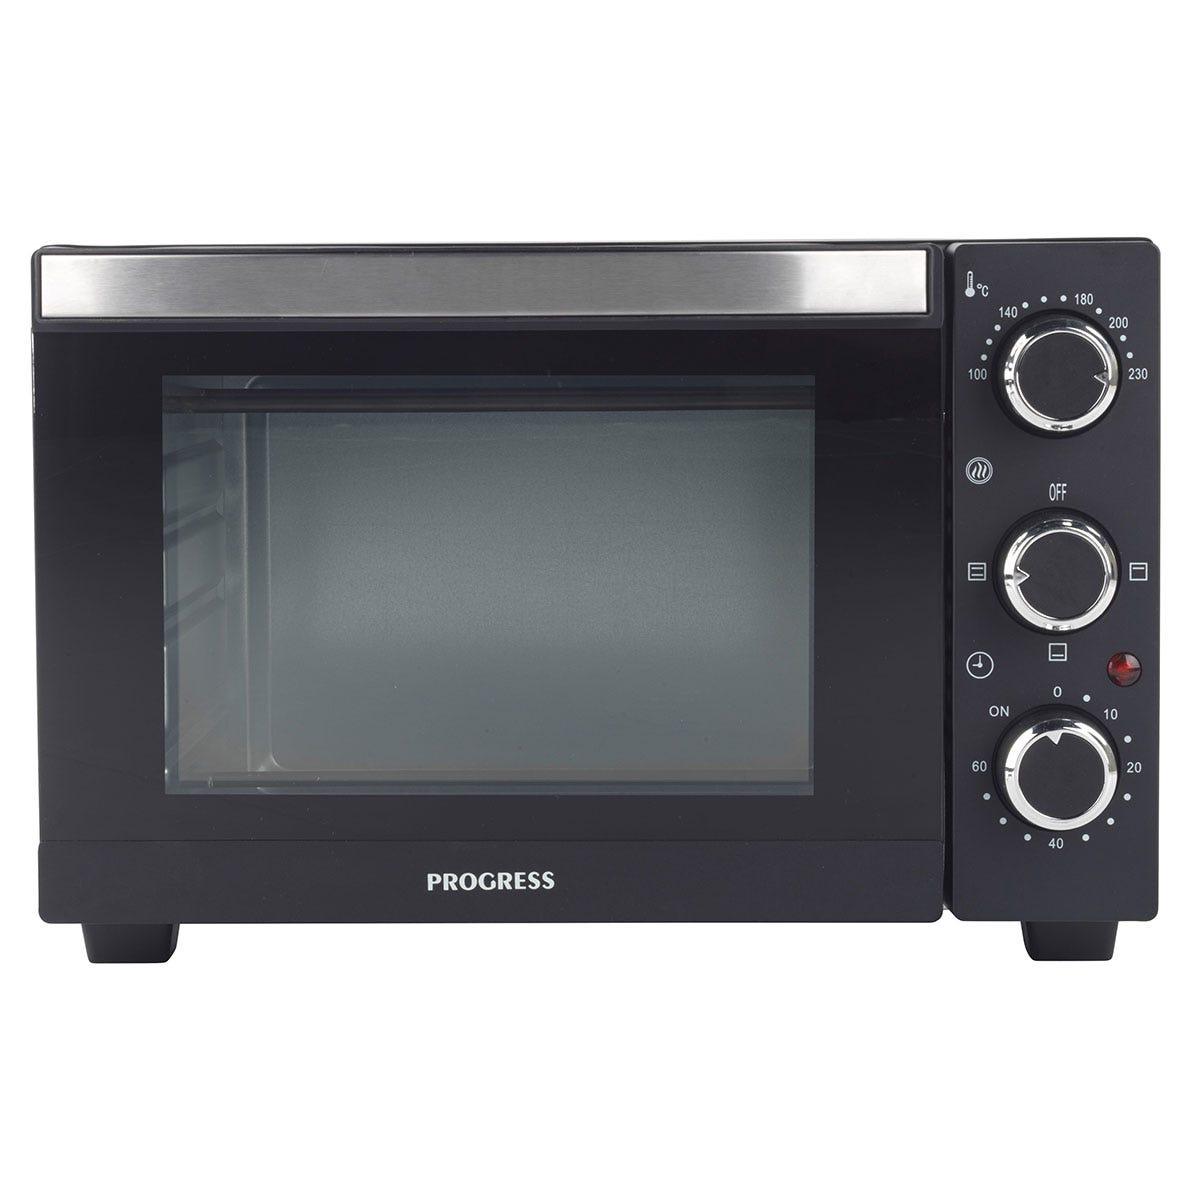 Progress EK4359P 15L Toaster Oven - Black